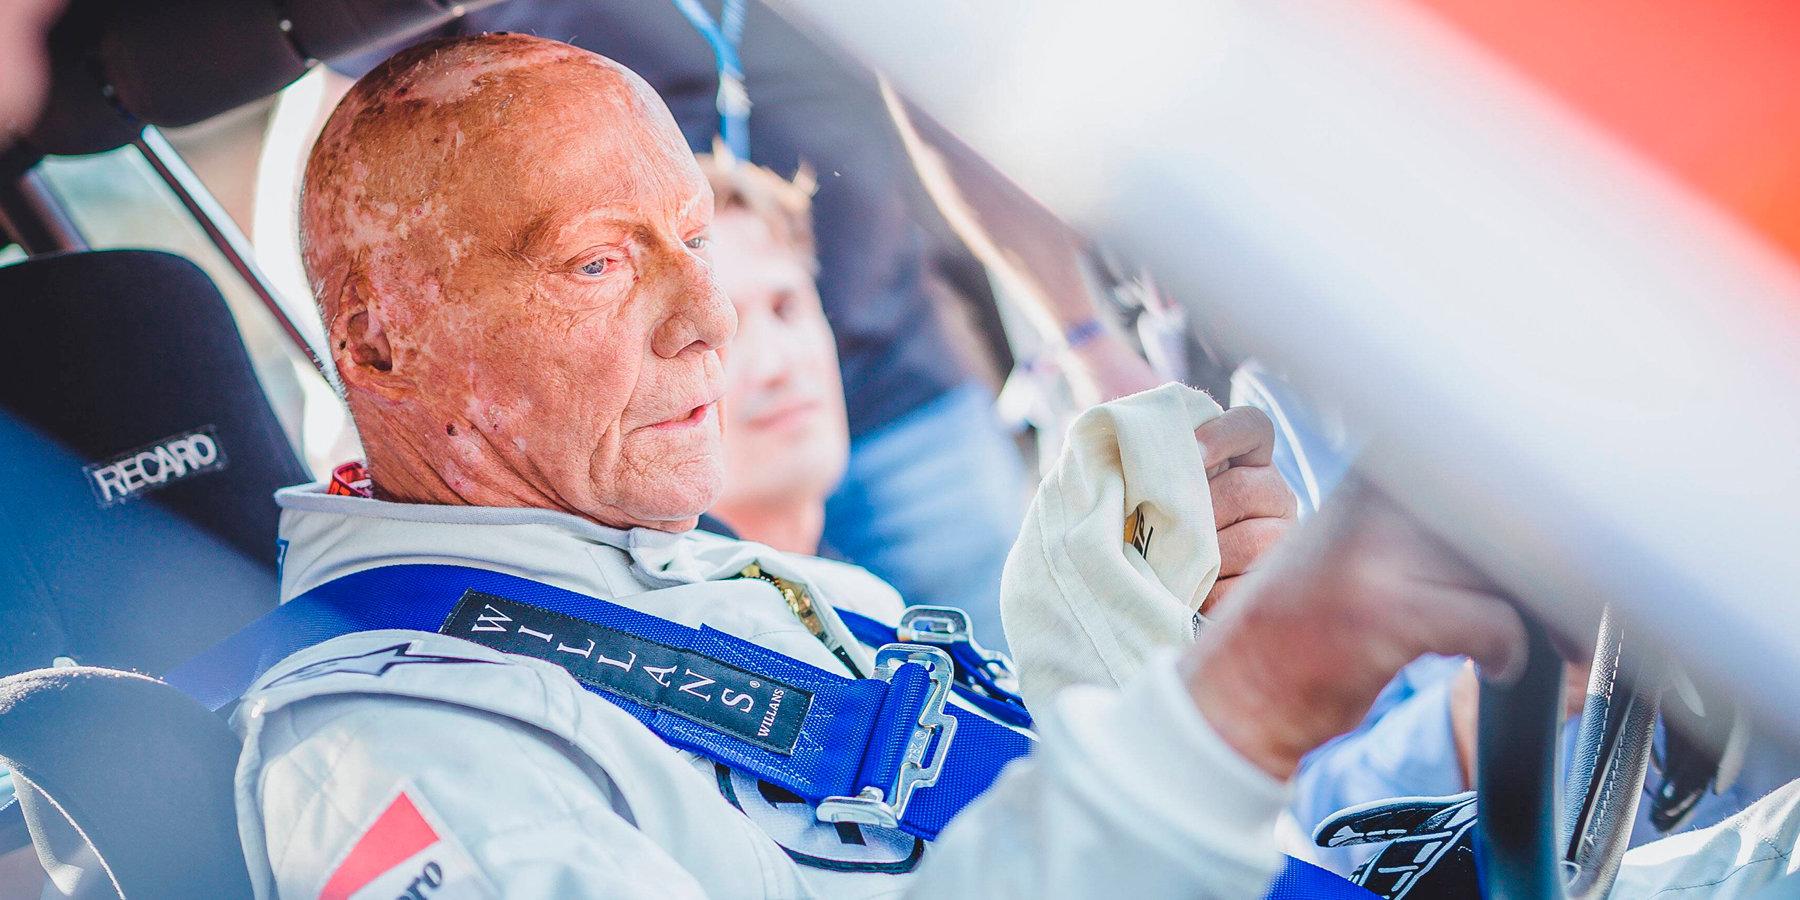 3-кратный чемпион Формулы-1 Лауда вкритическом состоянии, ему пересадили легкое